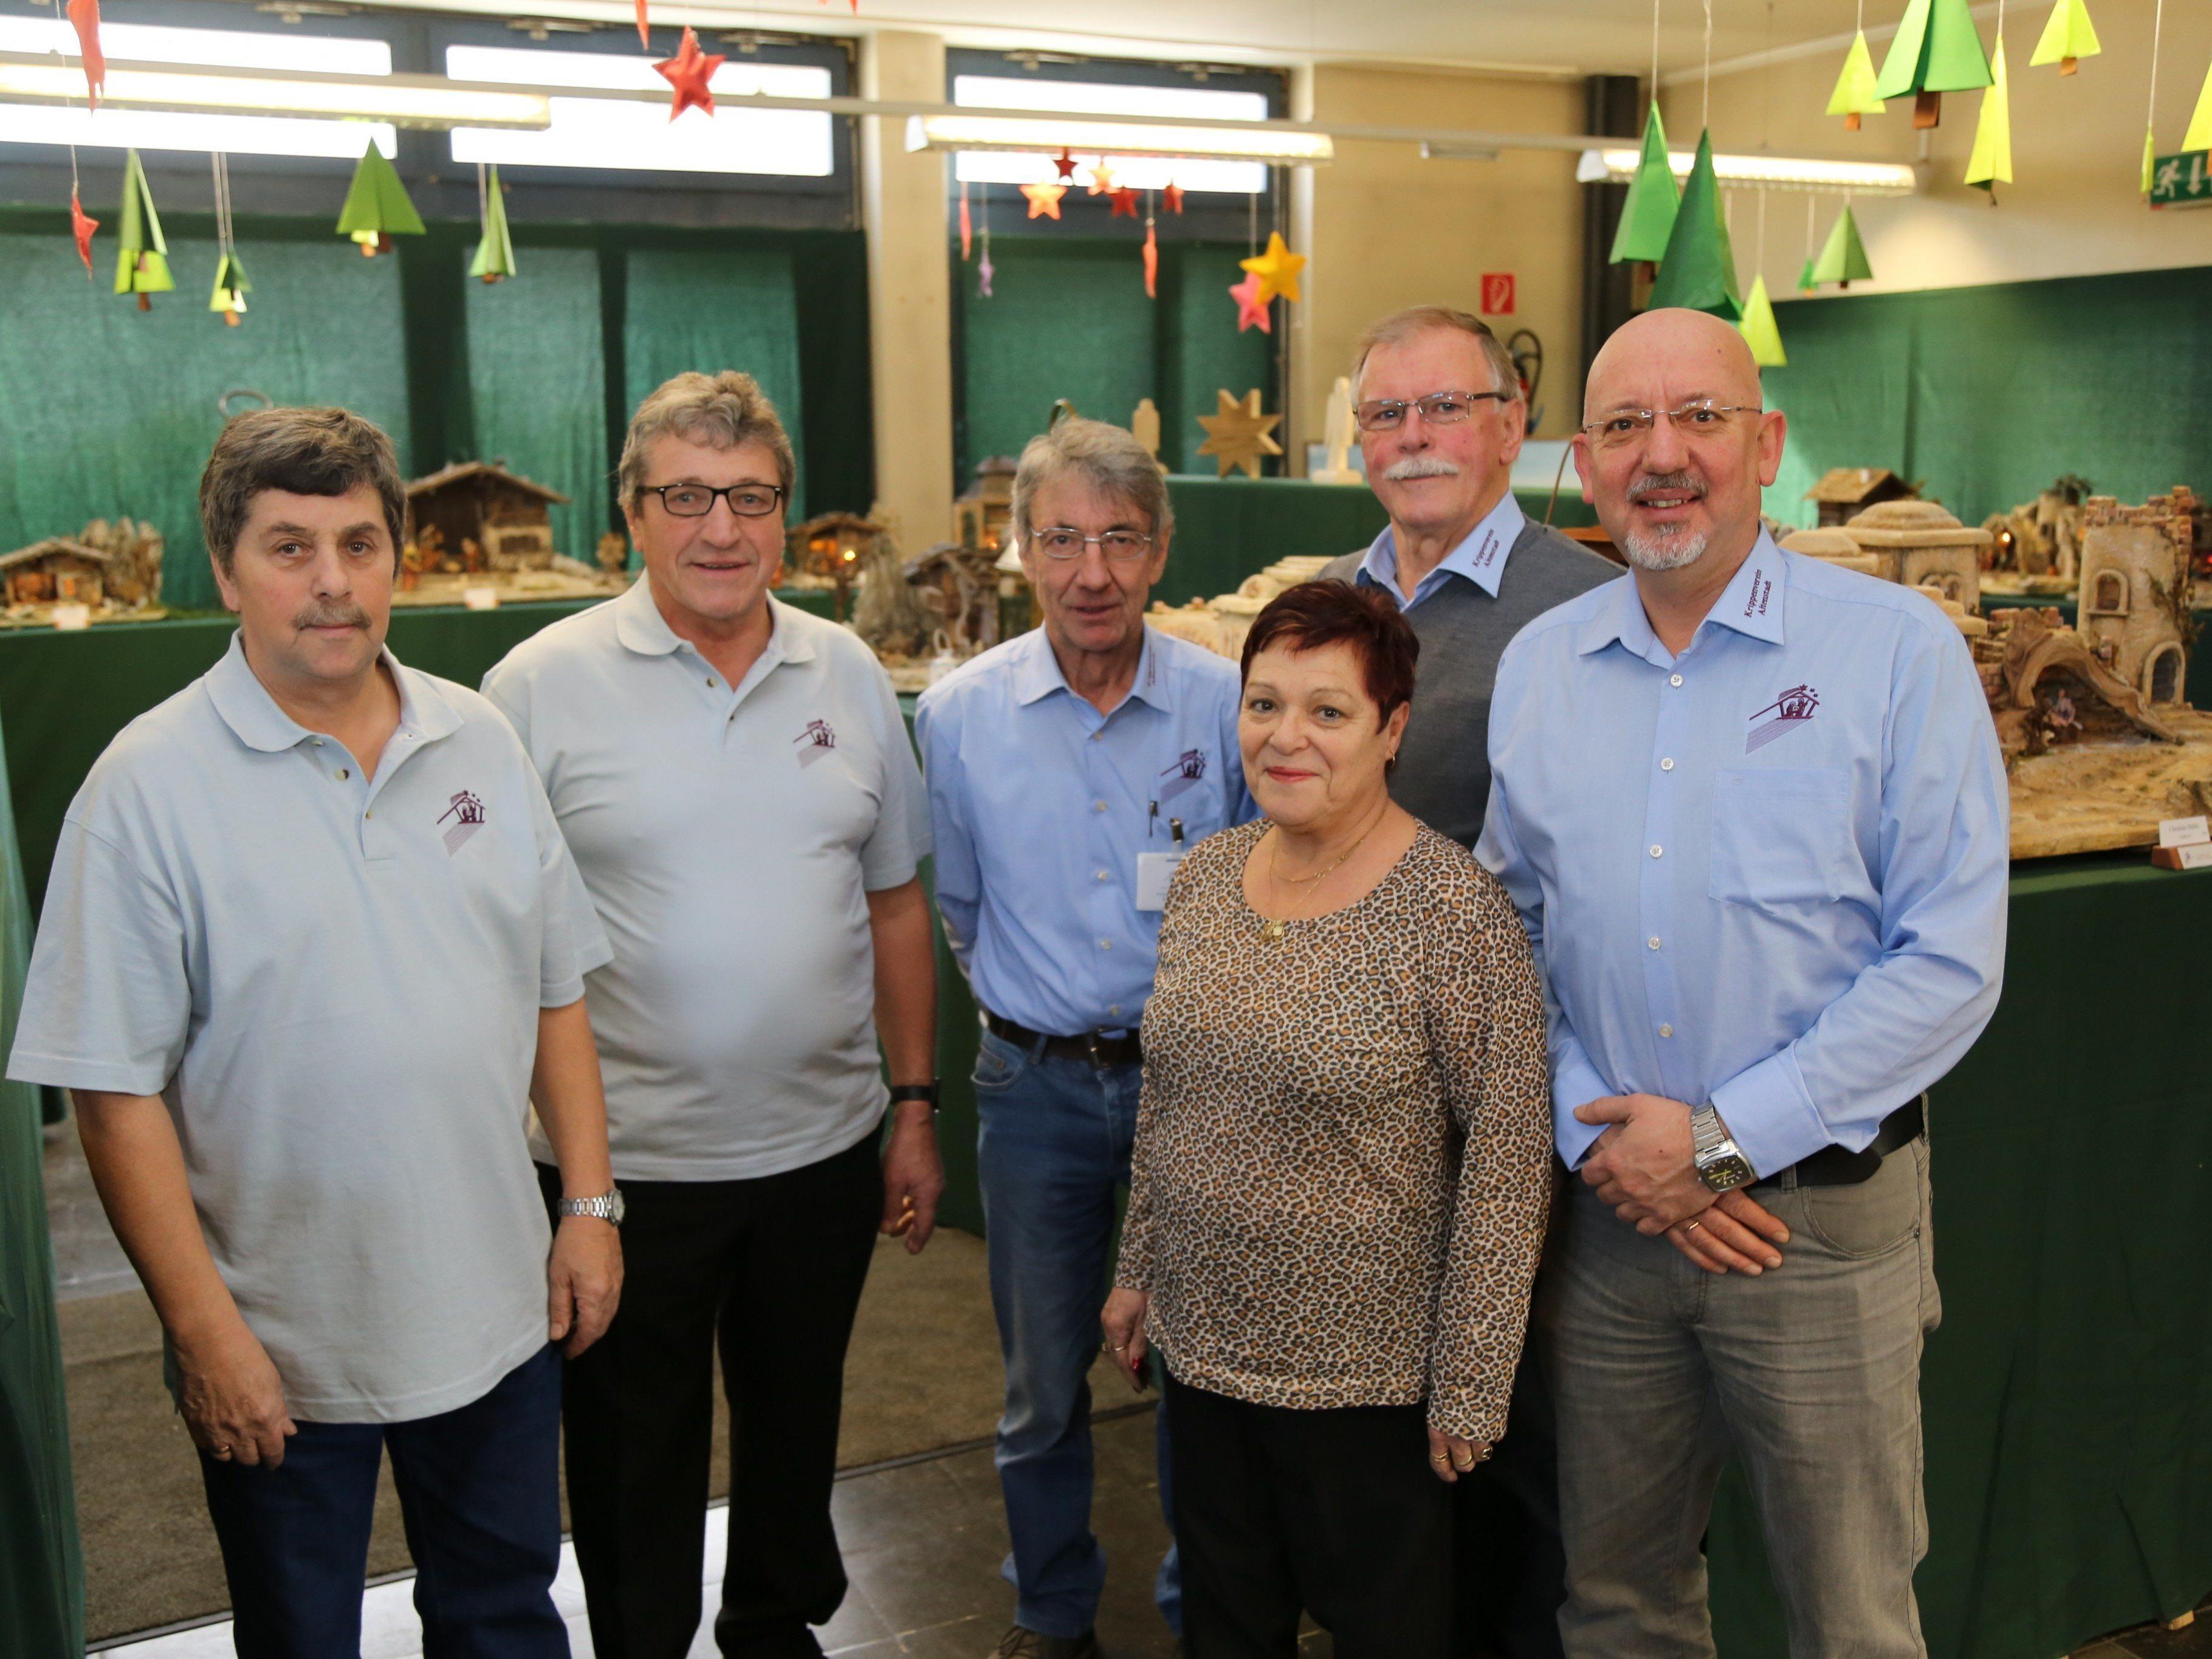 Die Mitglieder präsentieren stolz die zahlreichen Krippen in der Volksschule Altenstadt.